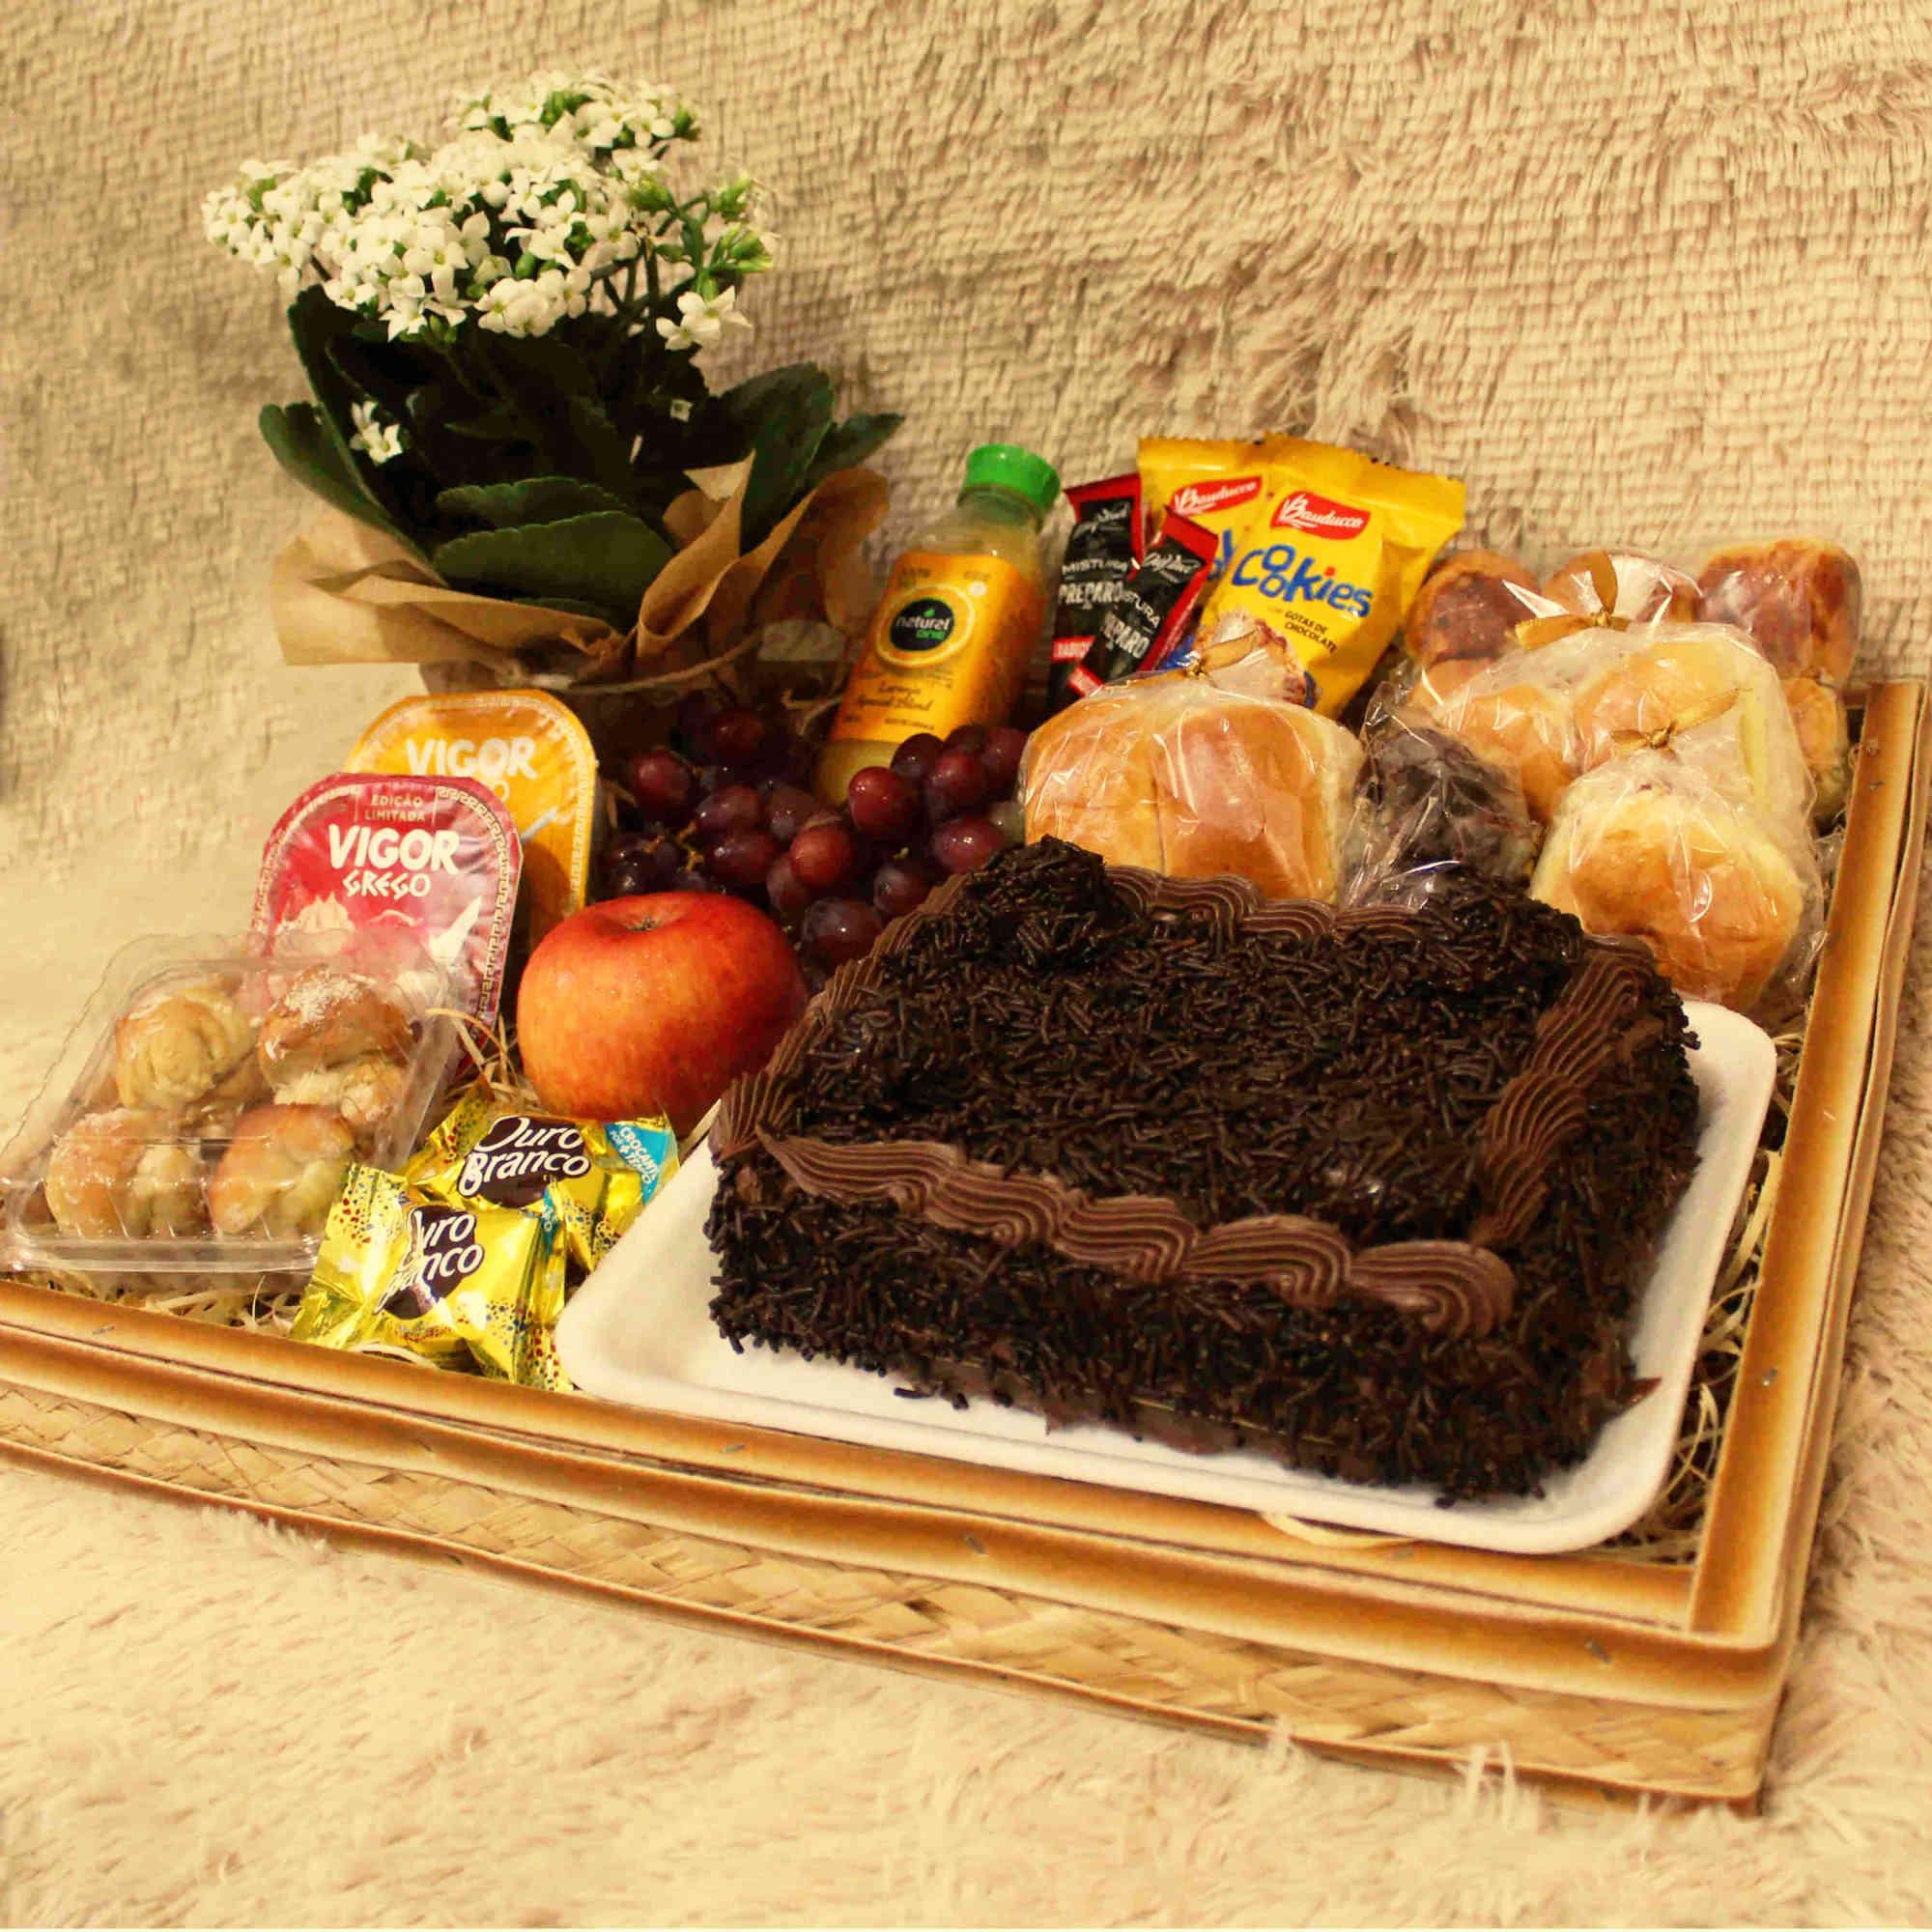 Bandeja de Café da Manhã com Bolo, Biscoitinhos e Frutas